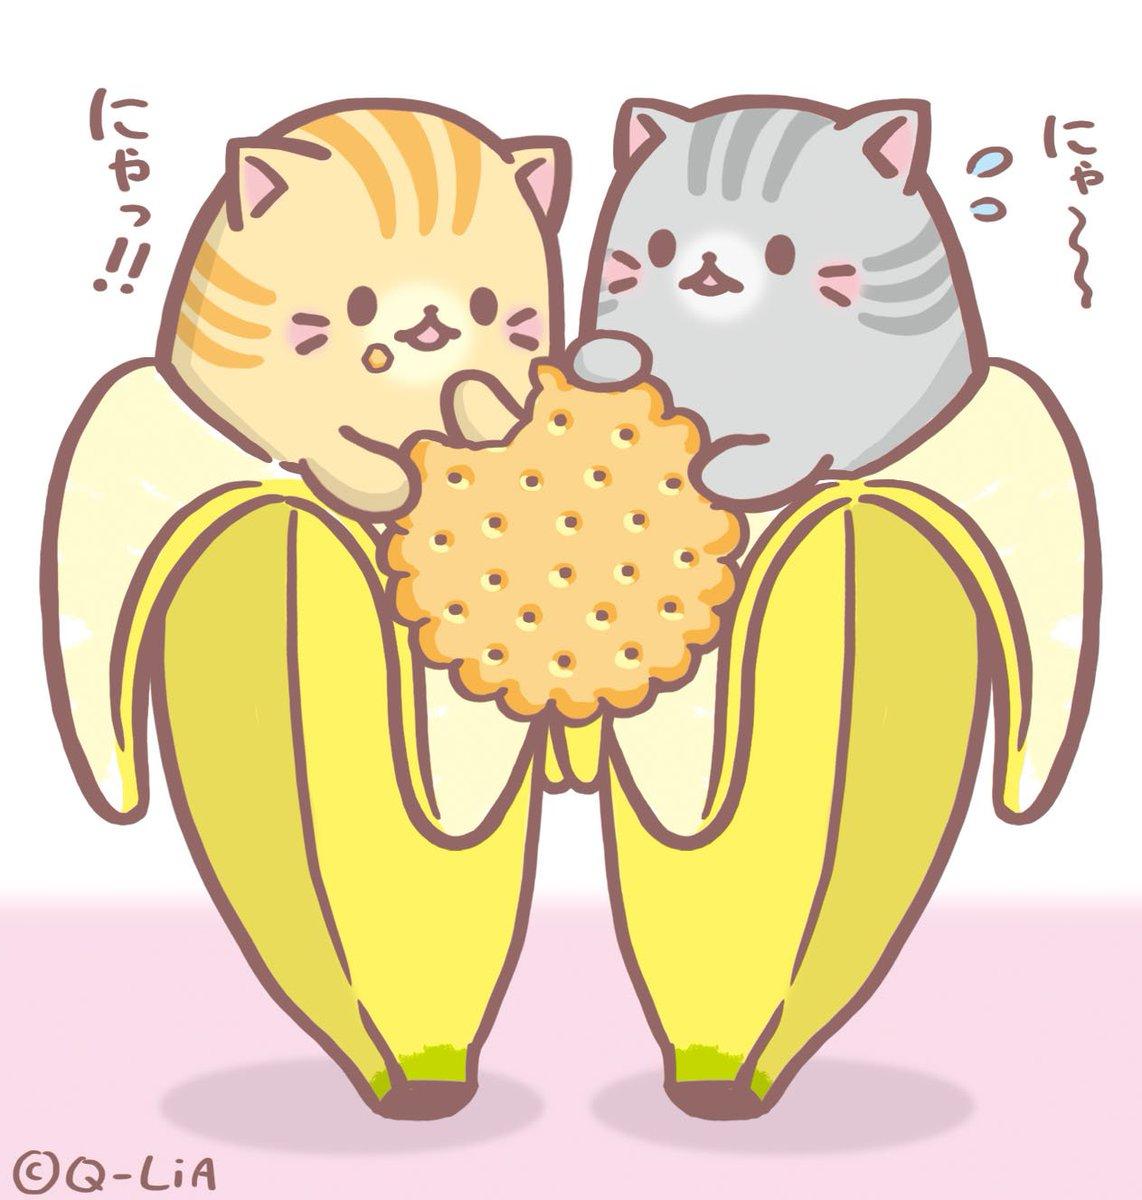 2月28日は #ビスケットの日  にゃ!! とらばなにゃと、さばとらばなにゃが仲良く?ビスケットを食べているようです。#